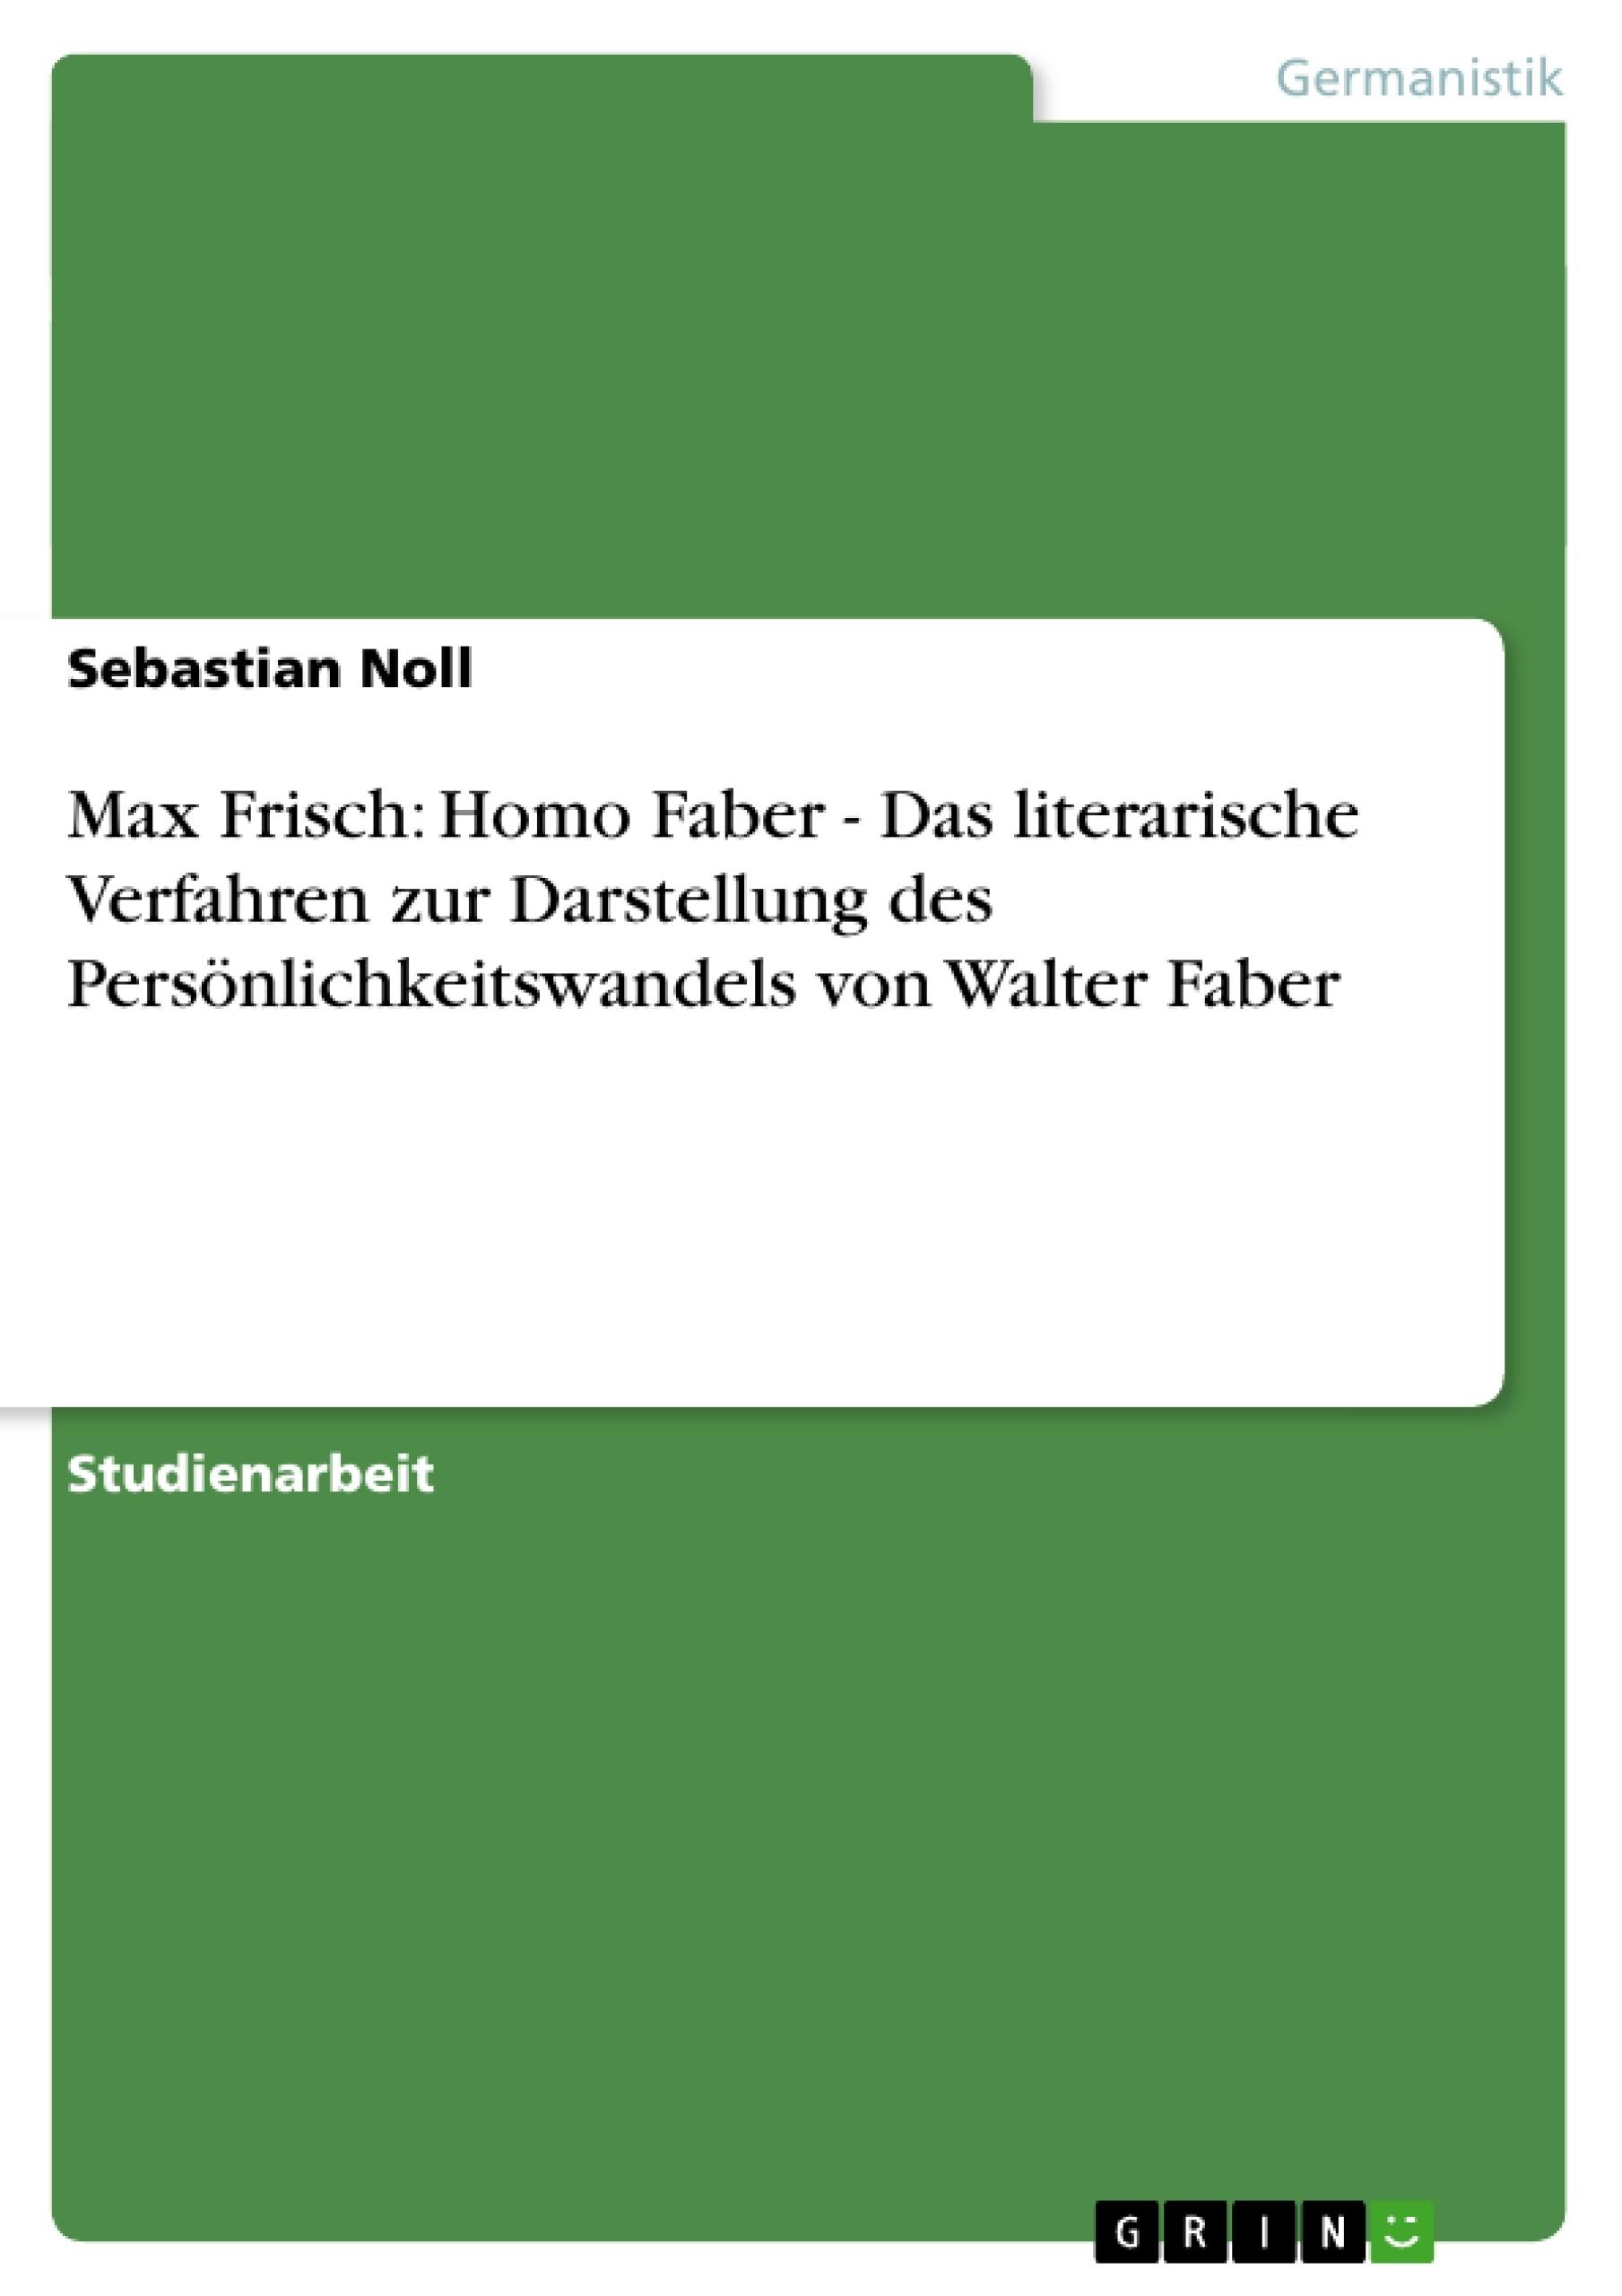 Titel: Max Frisch: Homo Faber - Das literarische Verfahren zur Darstellung des Persönlichkeitswandels von Walter Faber